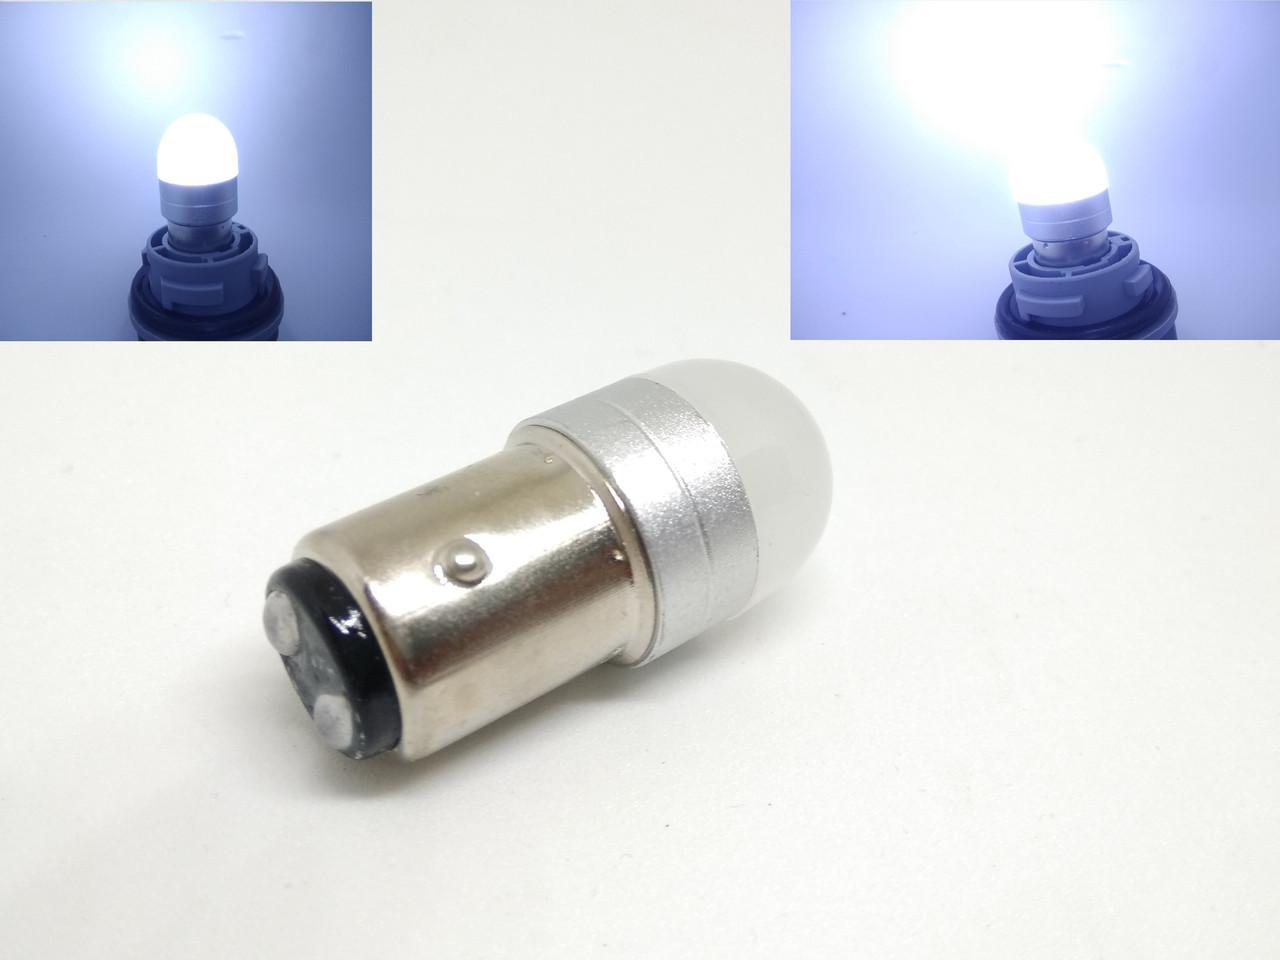 Автолампа LED Ceramic, P21/5W, 1157, 2 контактная, SMD3030, 12V, Белая